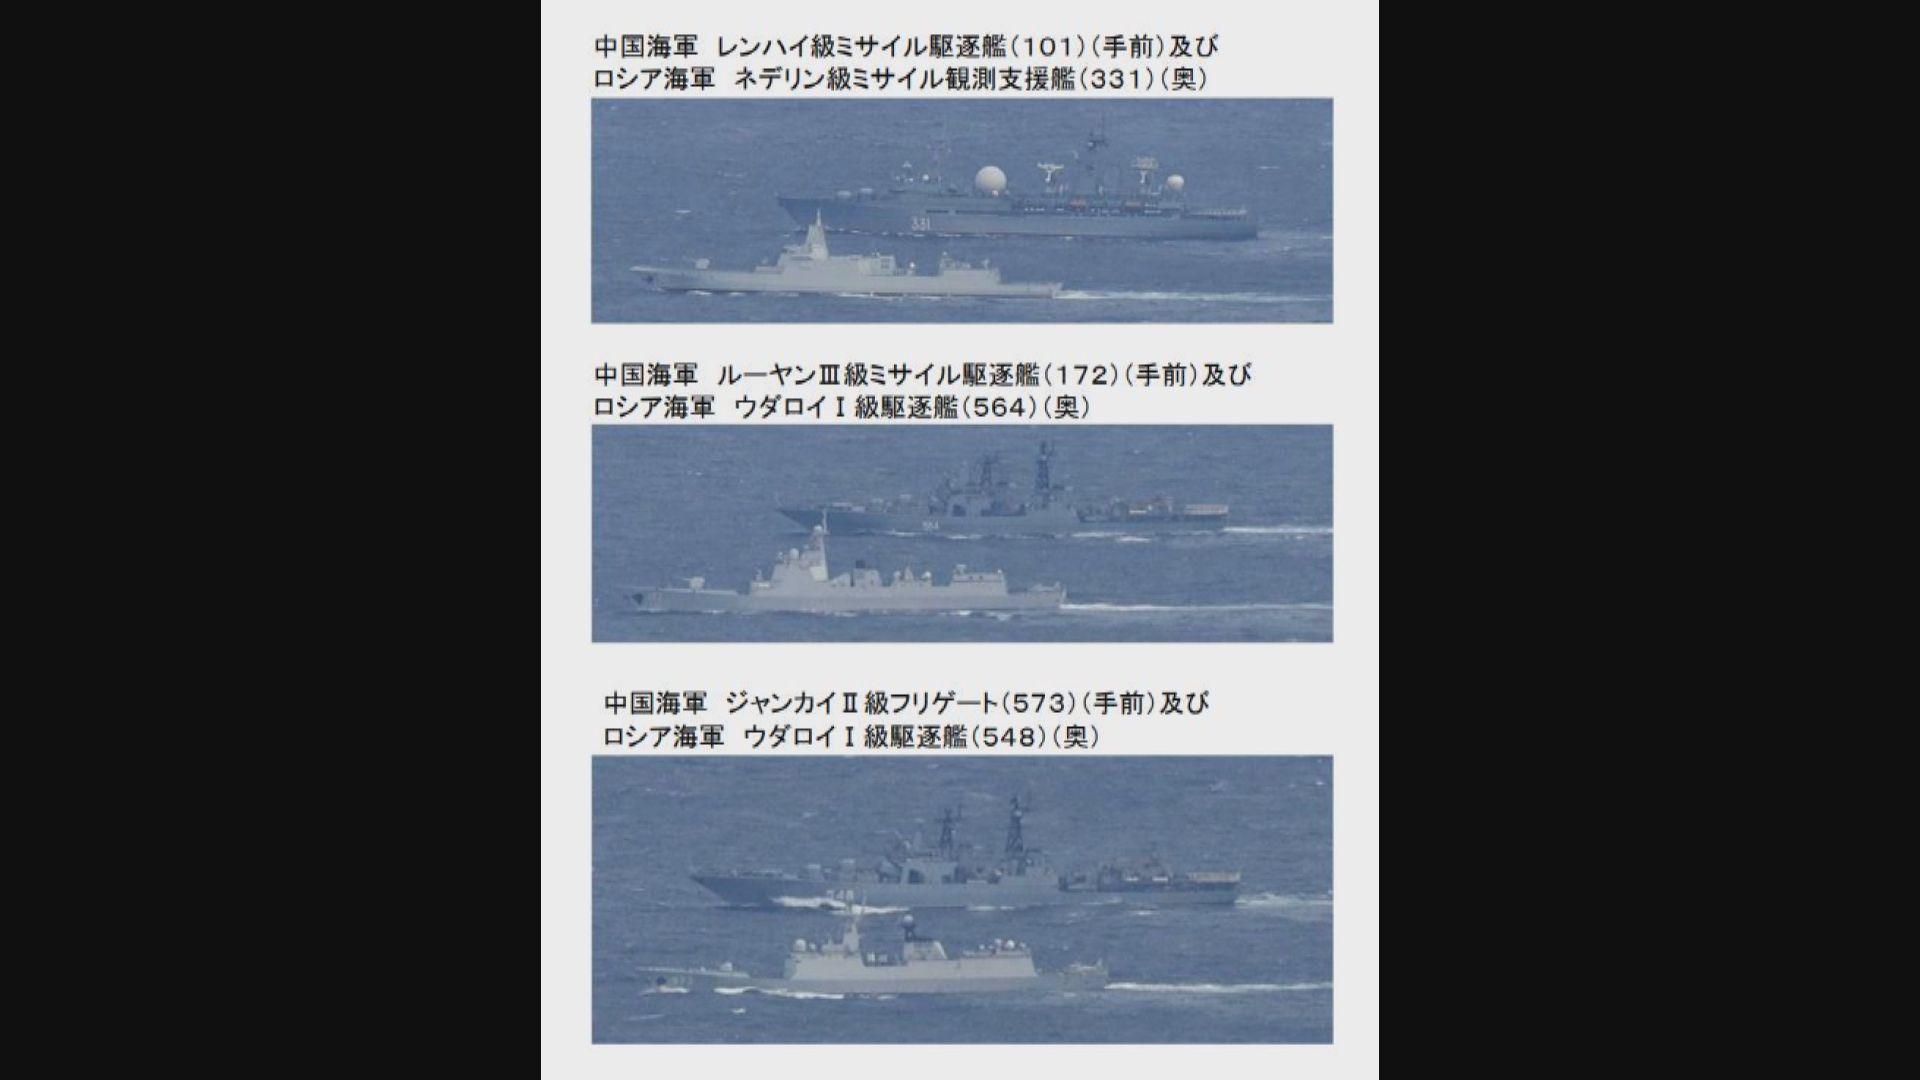 中俄軍艦於西太平洋等海域聯合巡航